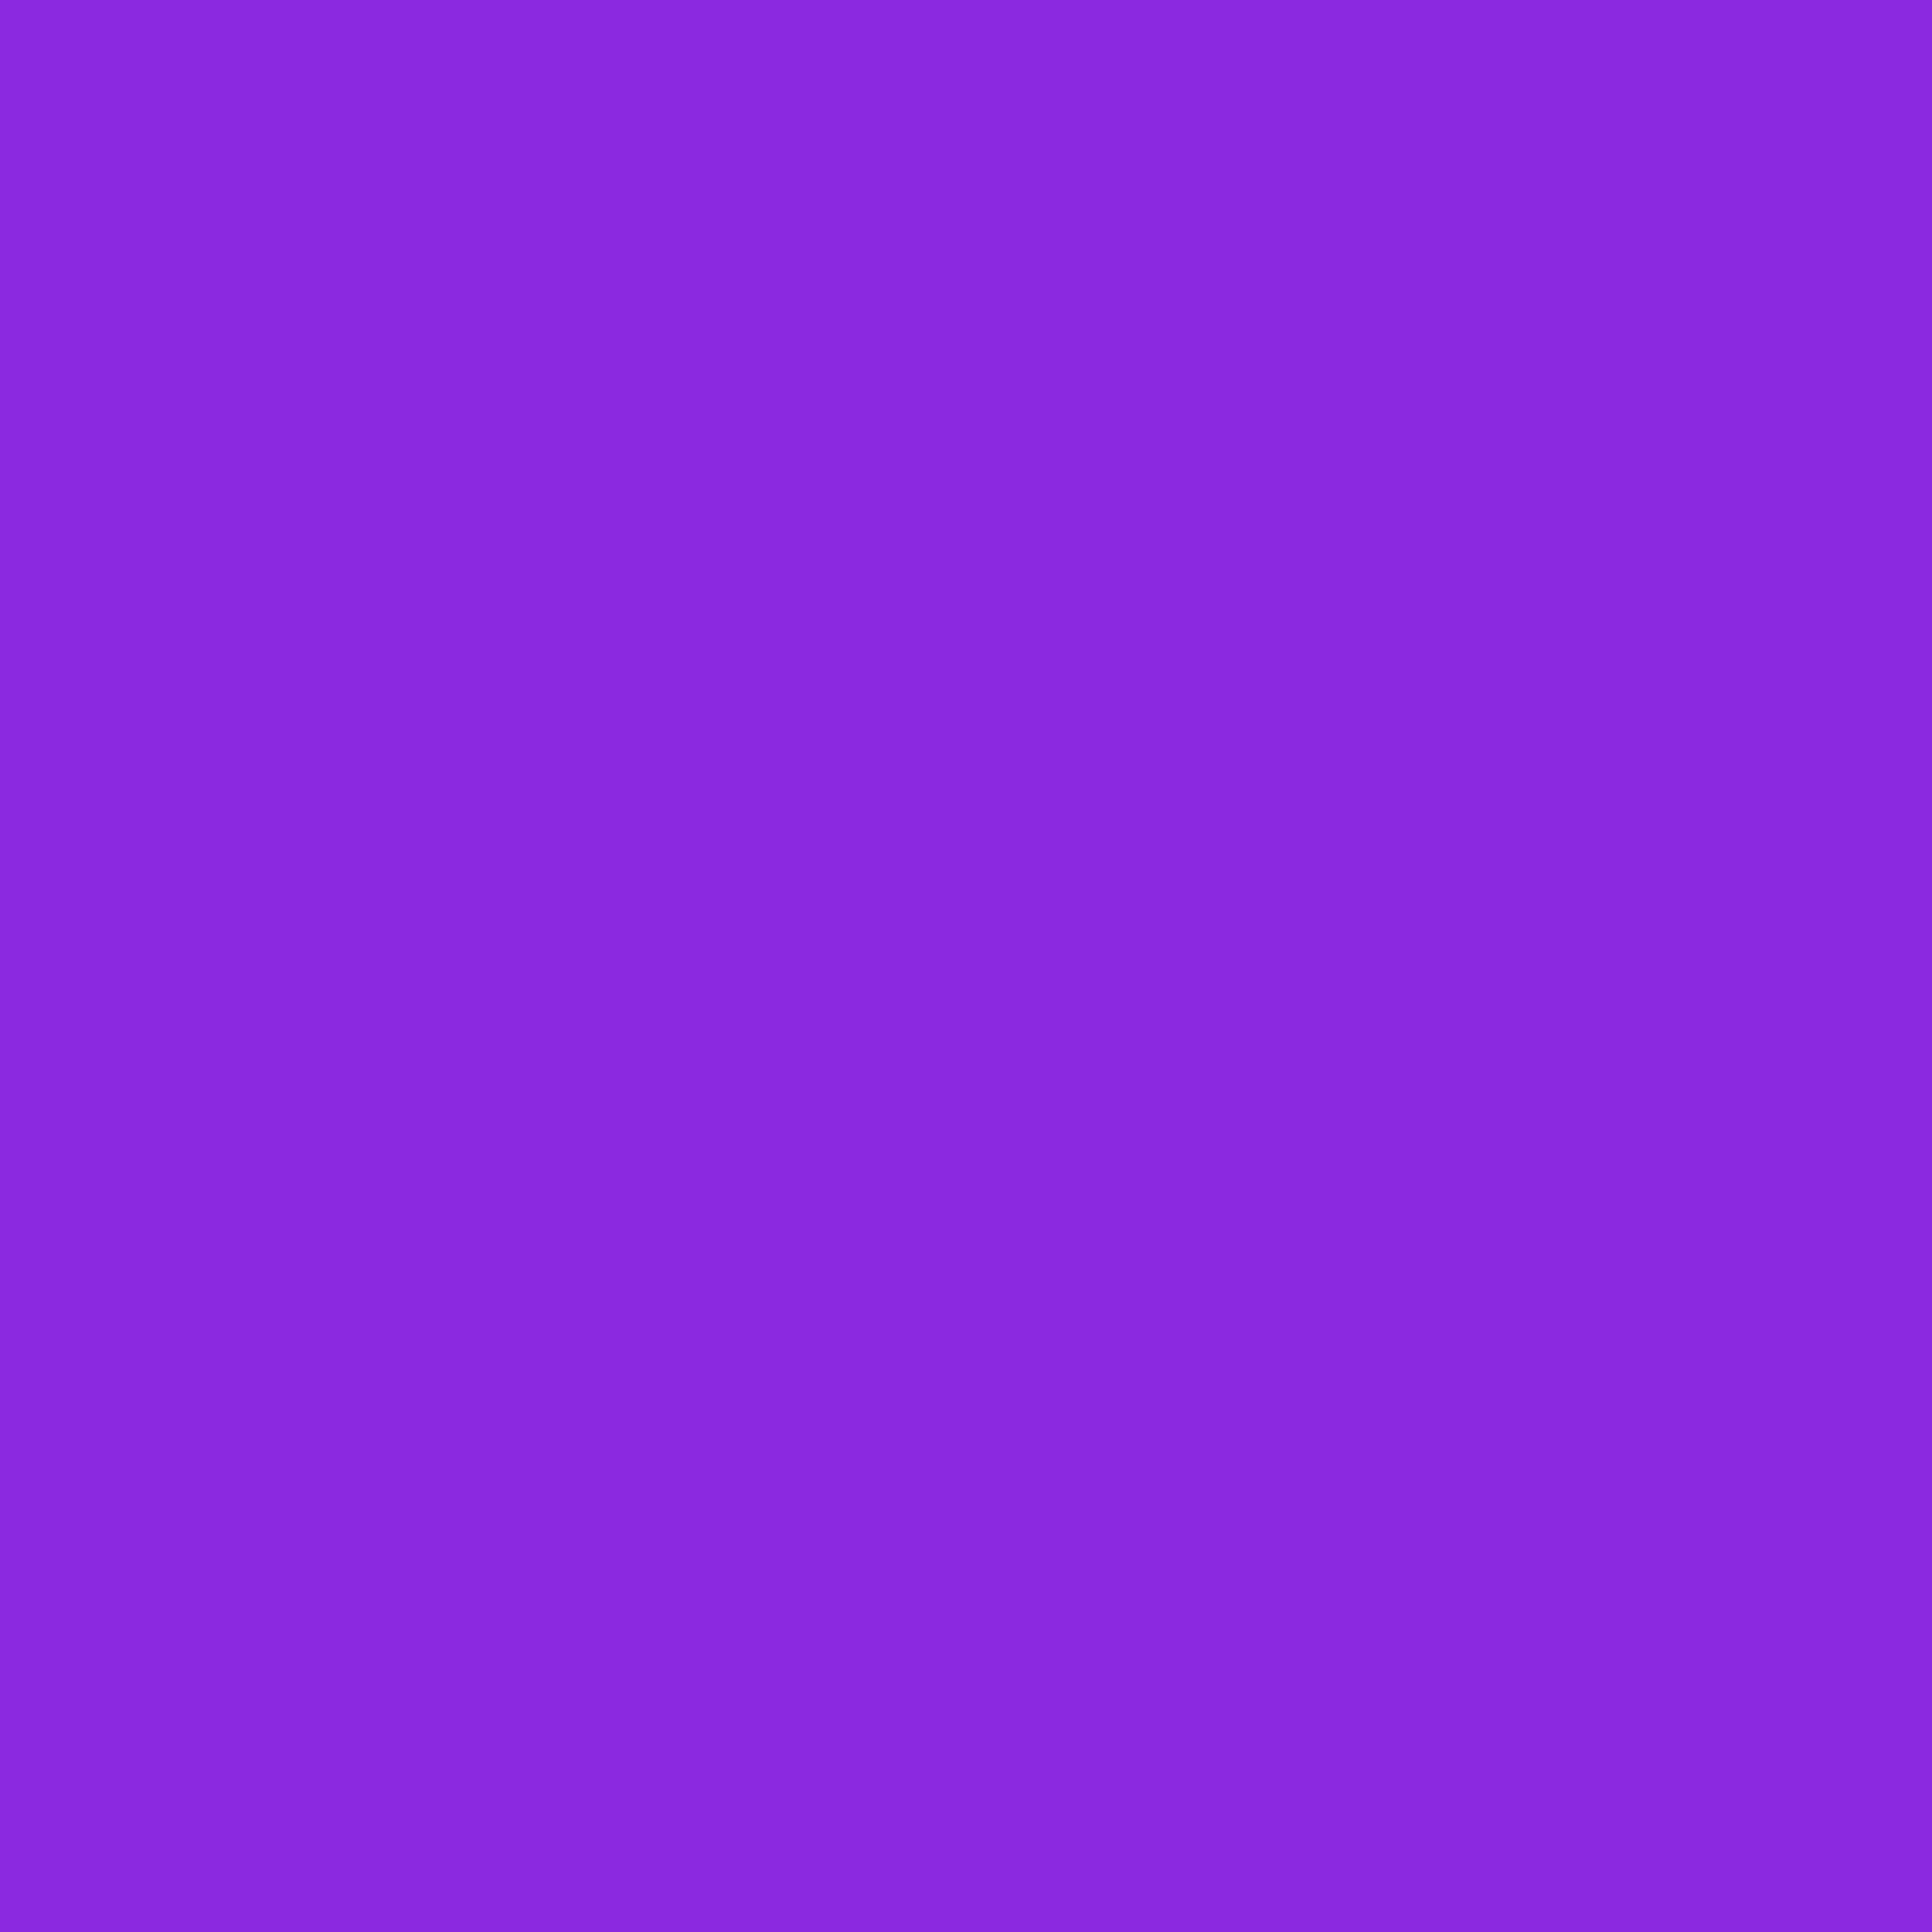 2048x2048 Blue-violet Solid Color Background